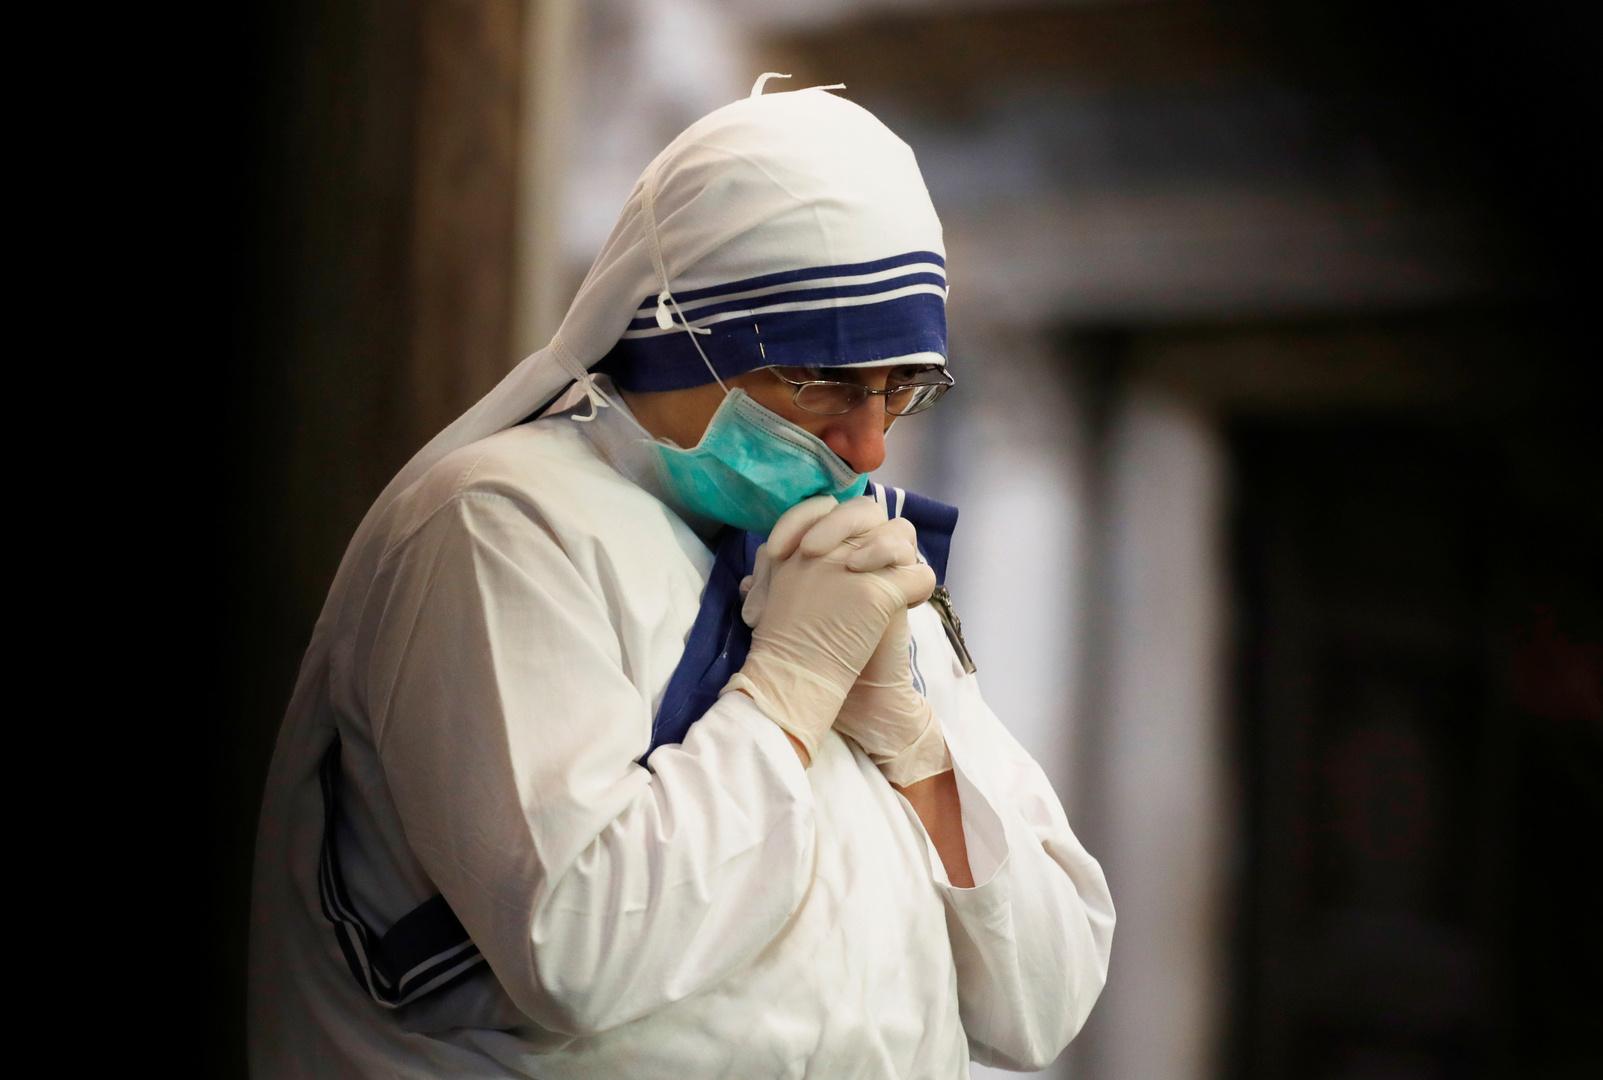 انهيار أرضية موقف سيارات مستشفى بنابولي الإيطالية